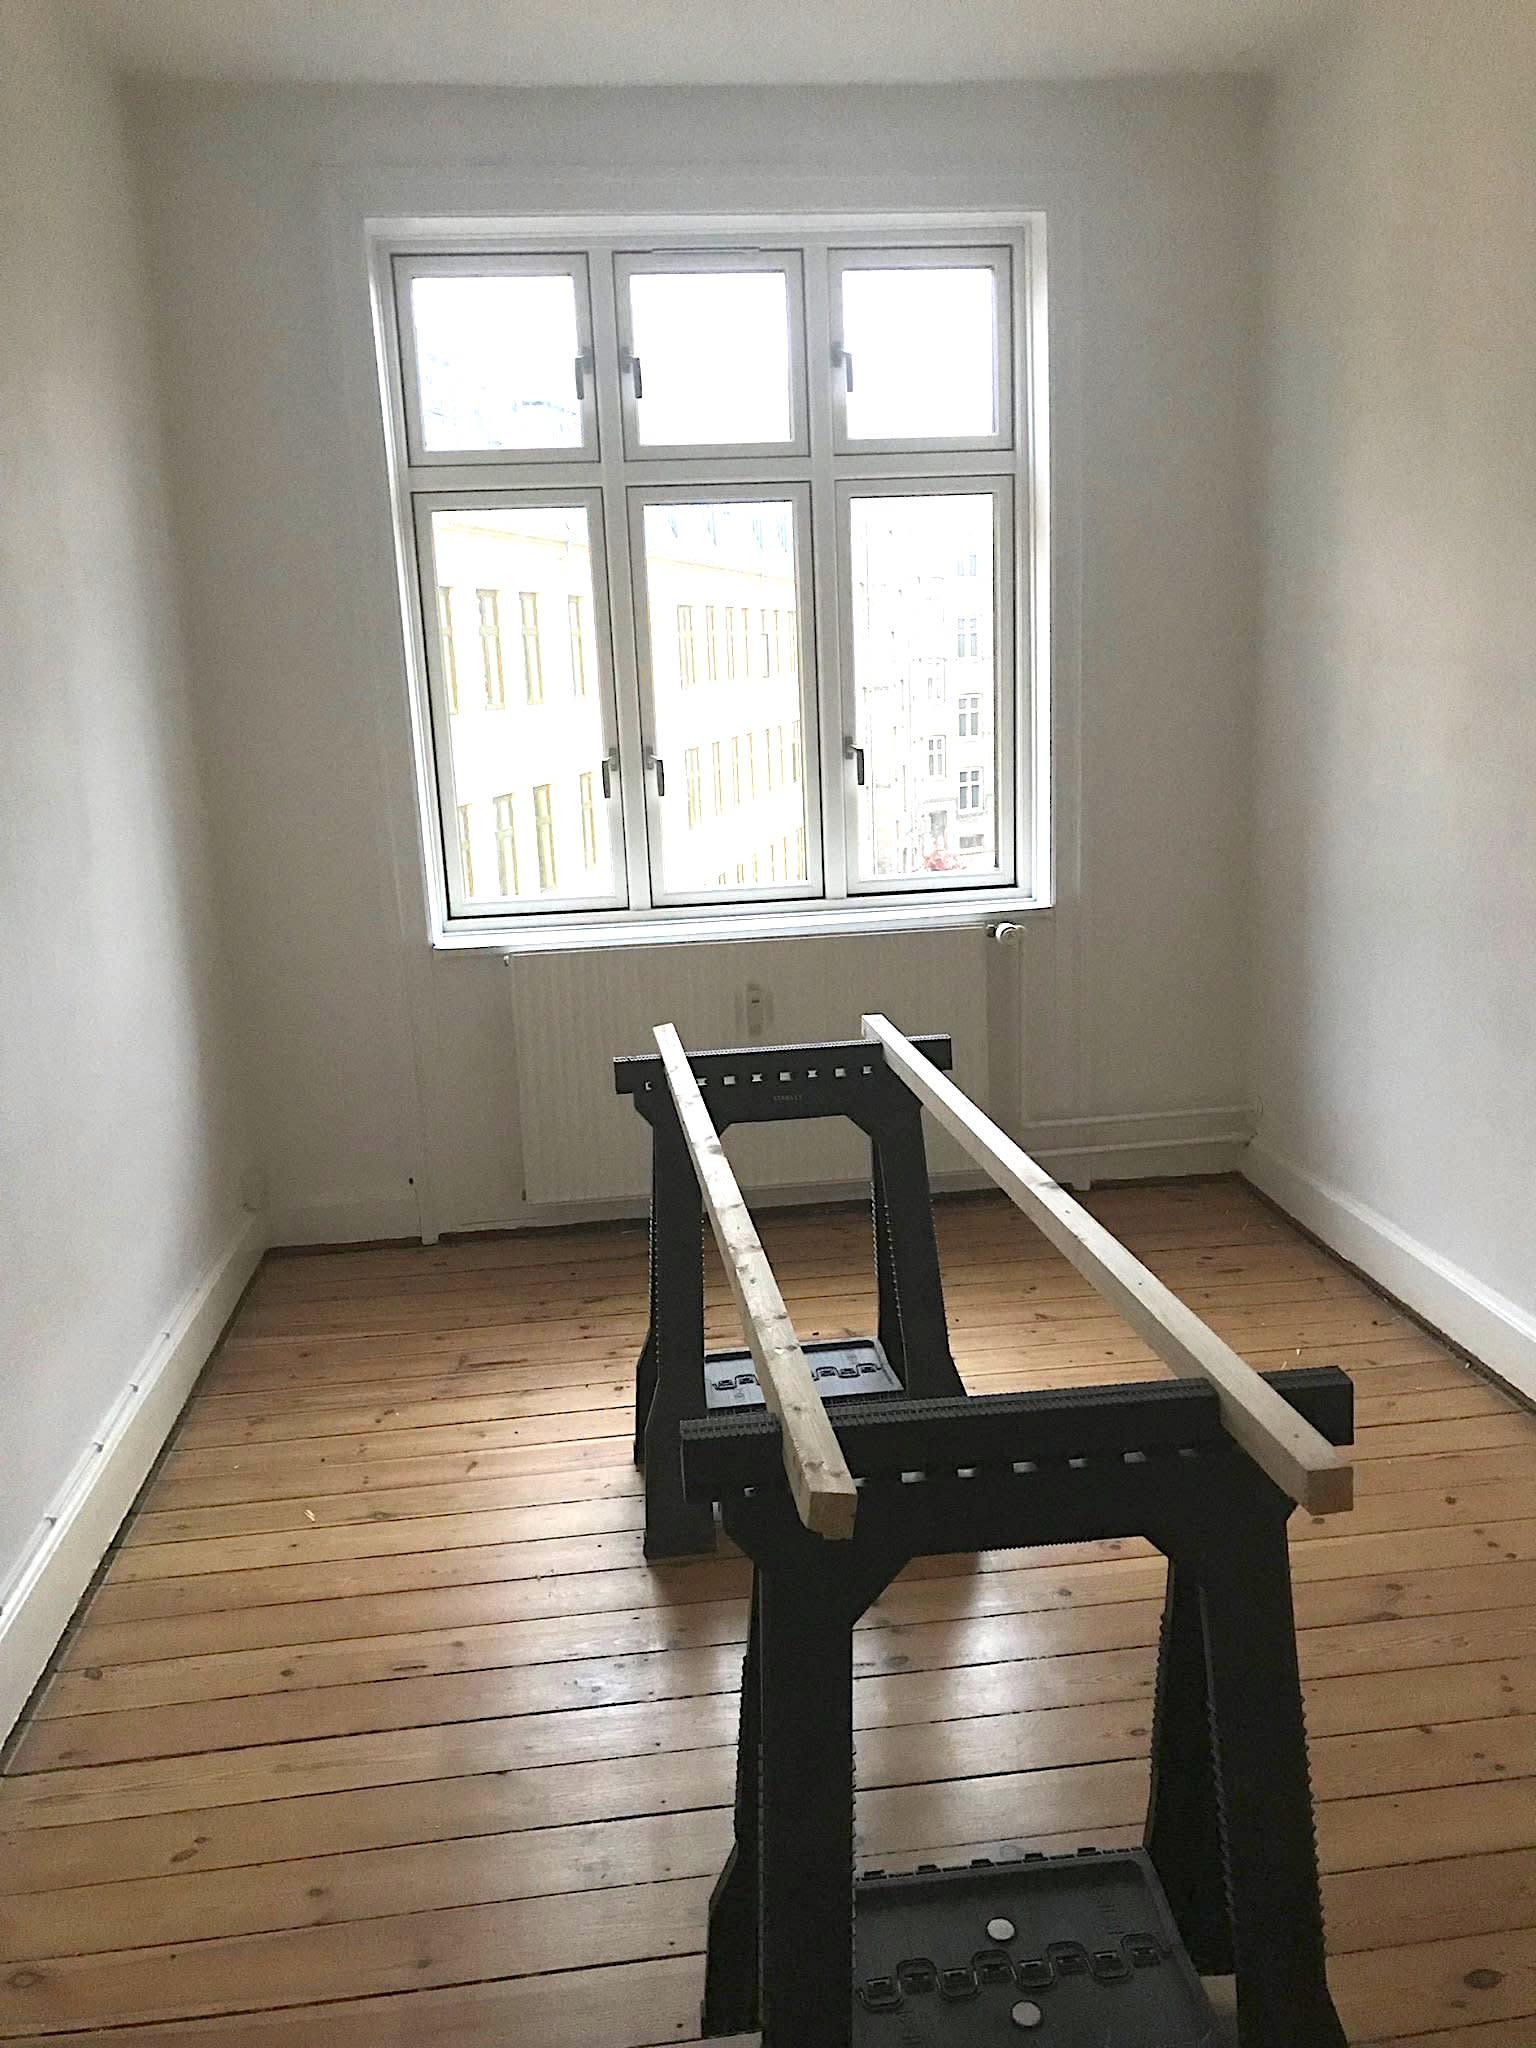 Lejlighed udlejes i Odense